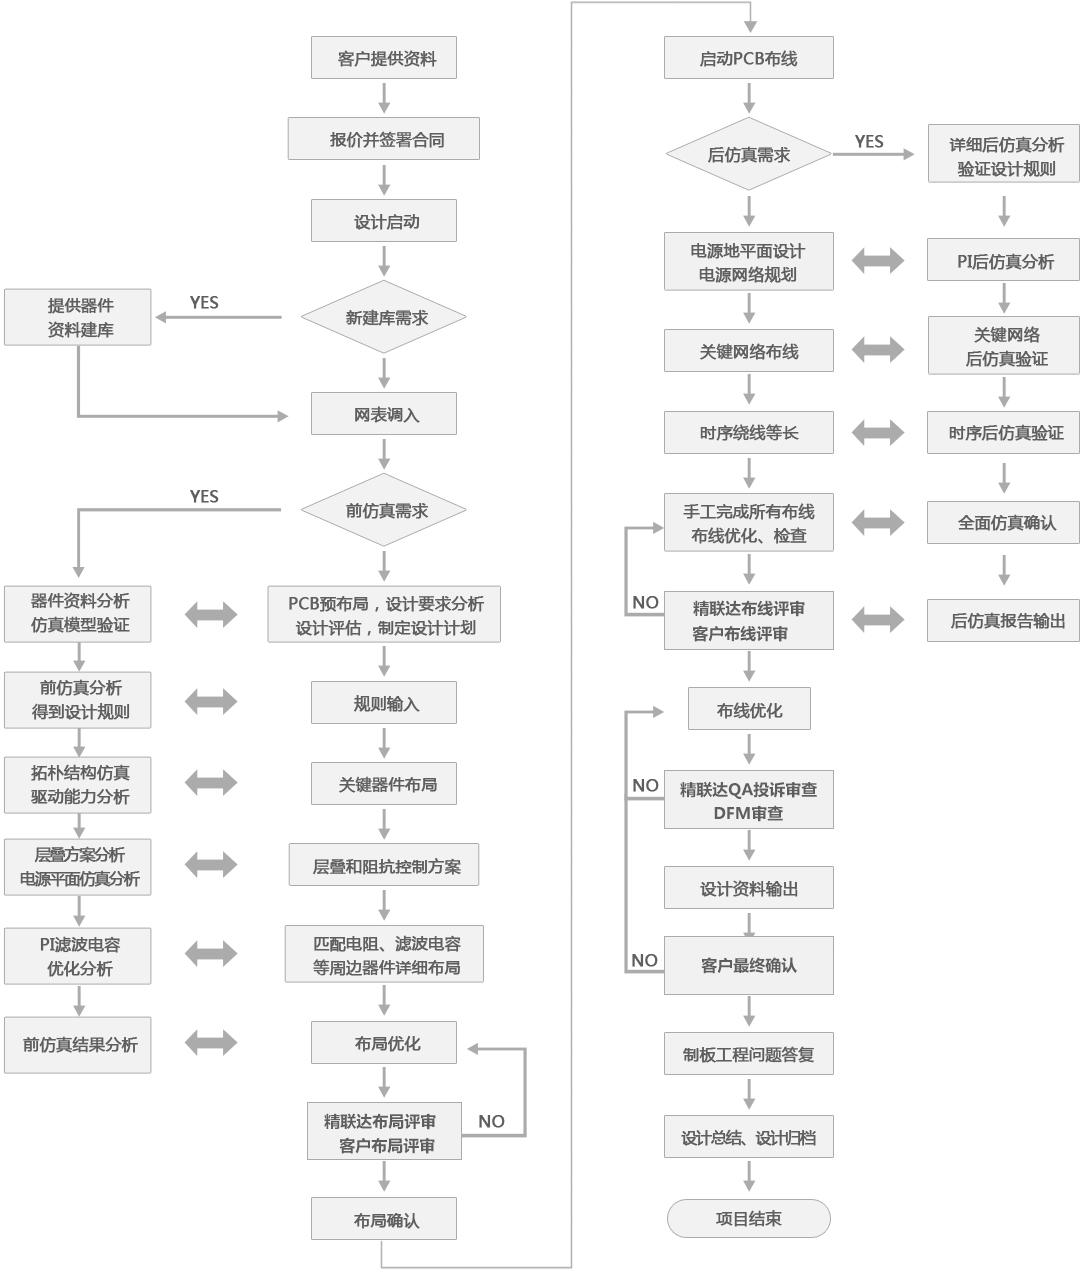 pcb制版流程_PCB设计